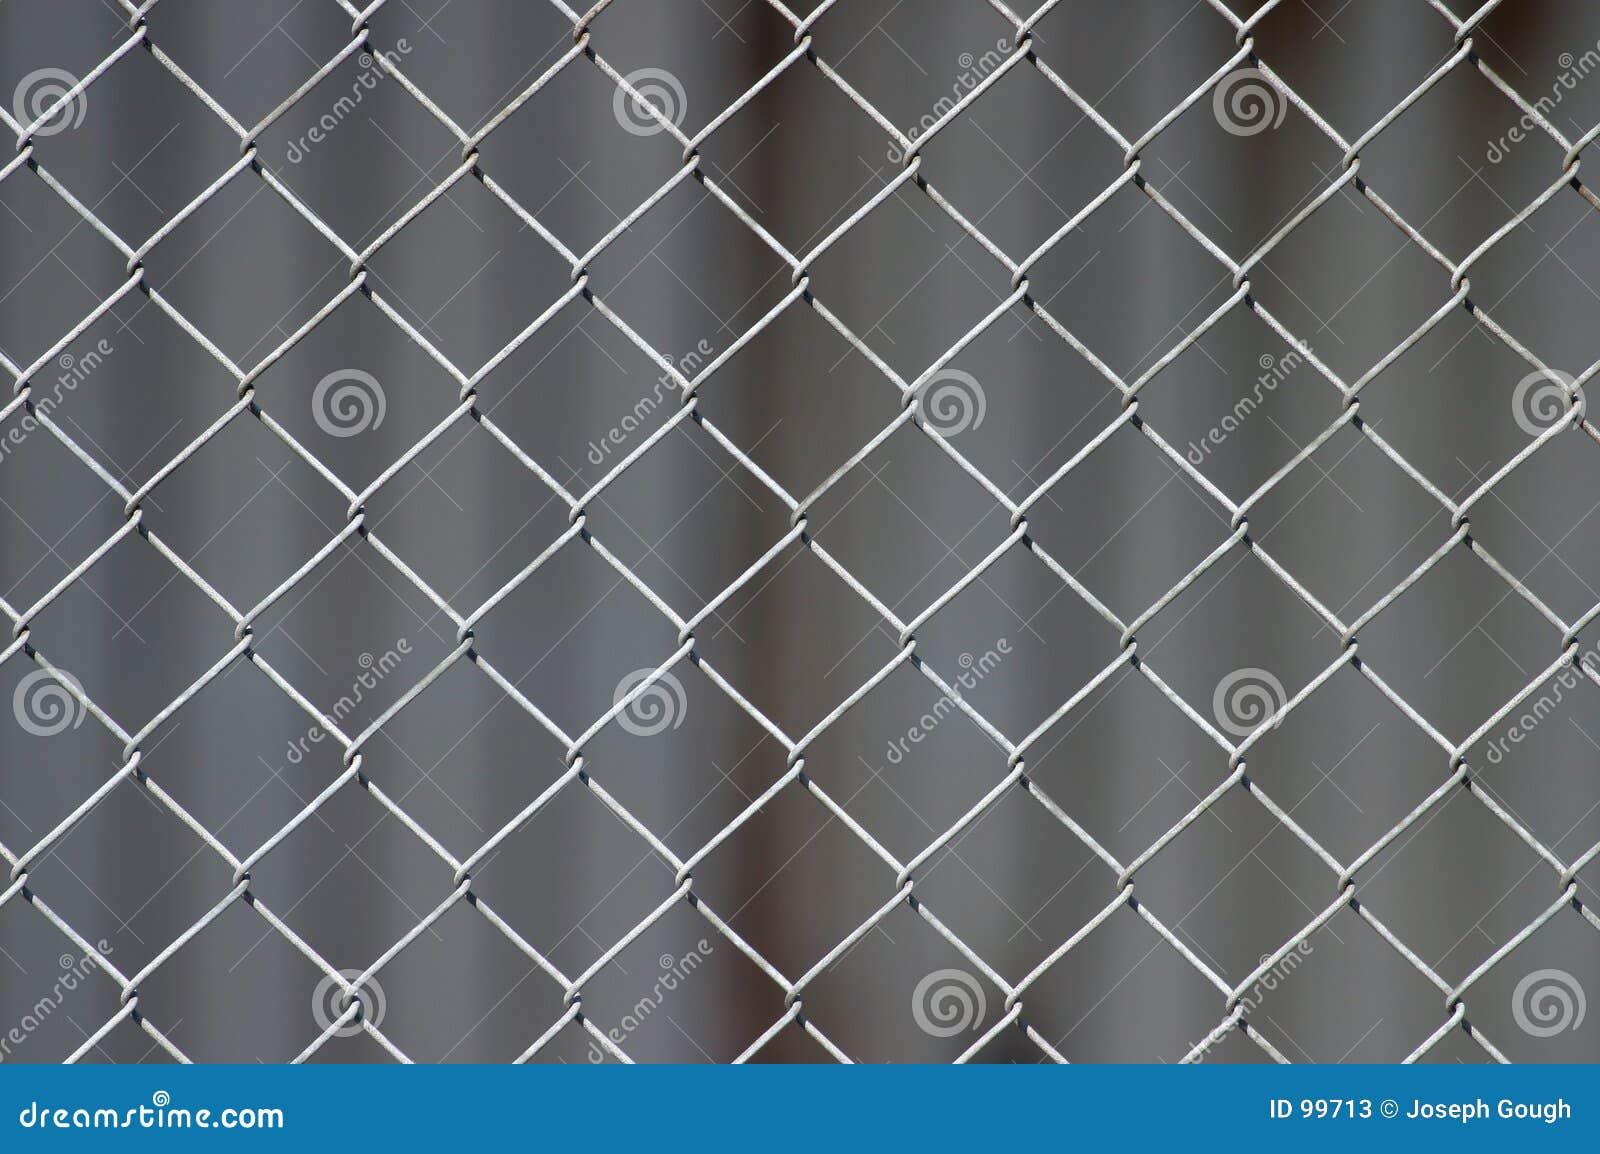 Unique Chicken Wire Background Ensign - Wiring Standart ...